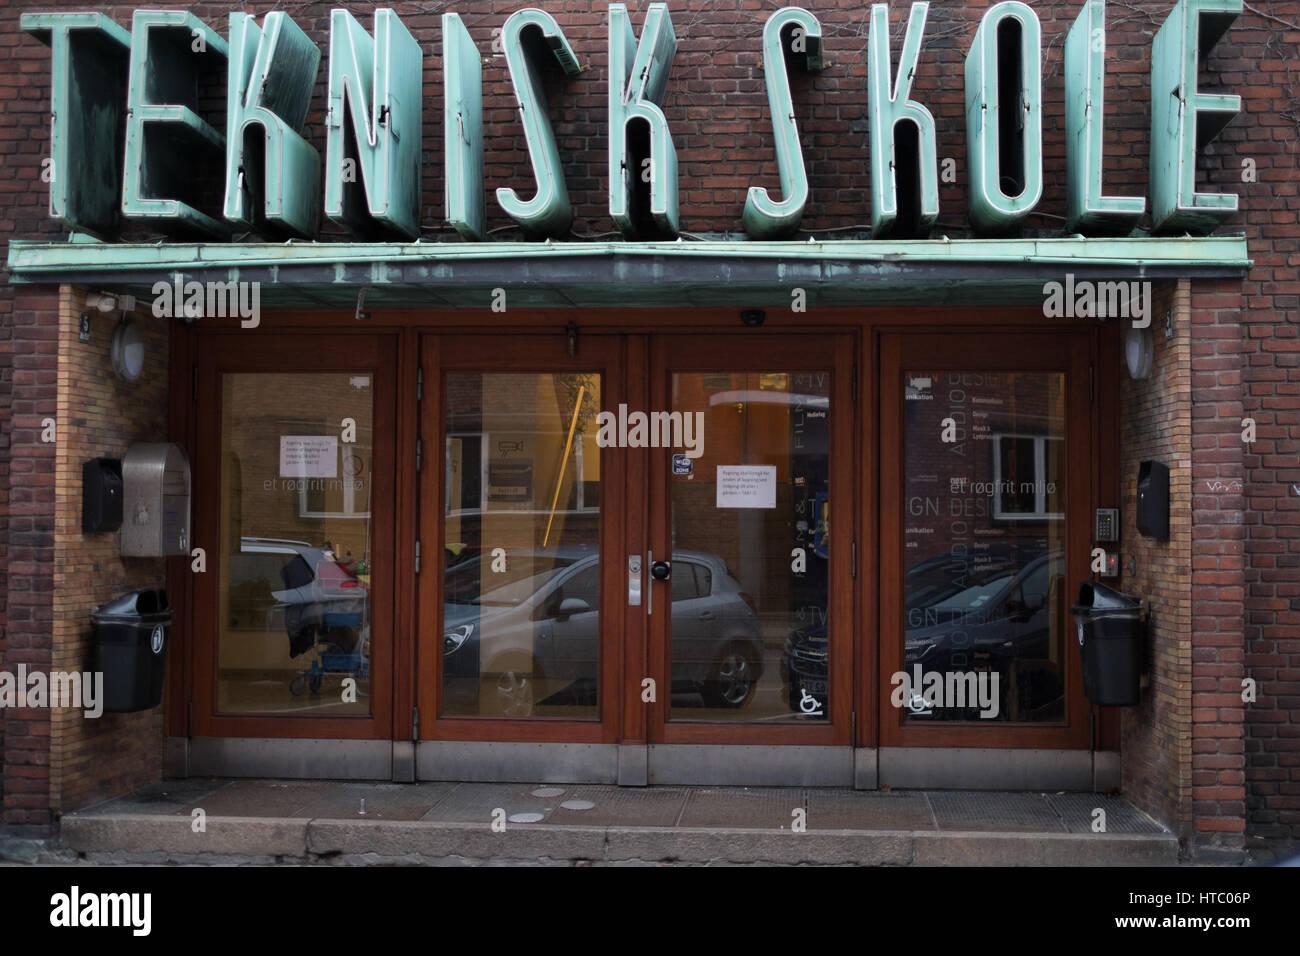 Teknisk Skole 3D sign, Copenhagen, Denmark - Stock Image